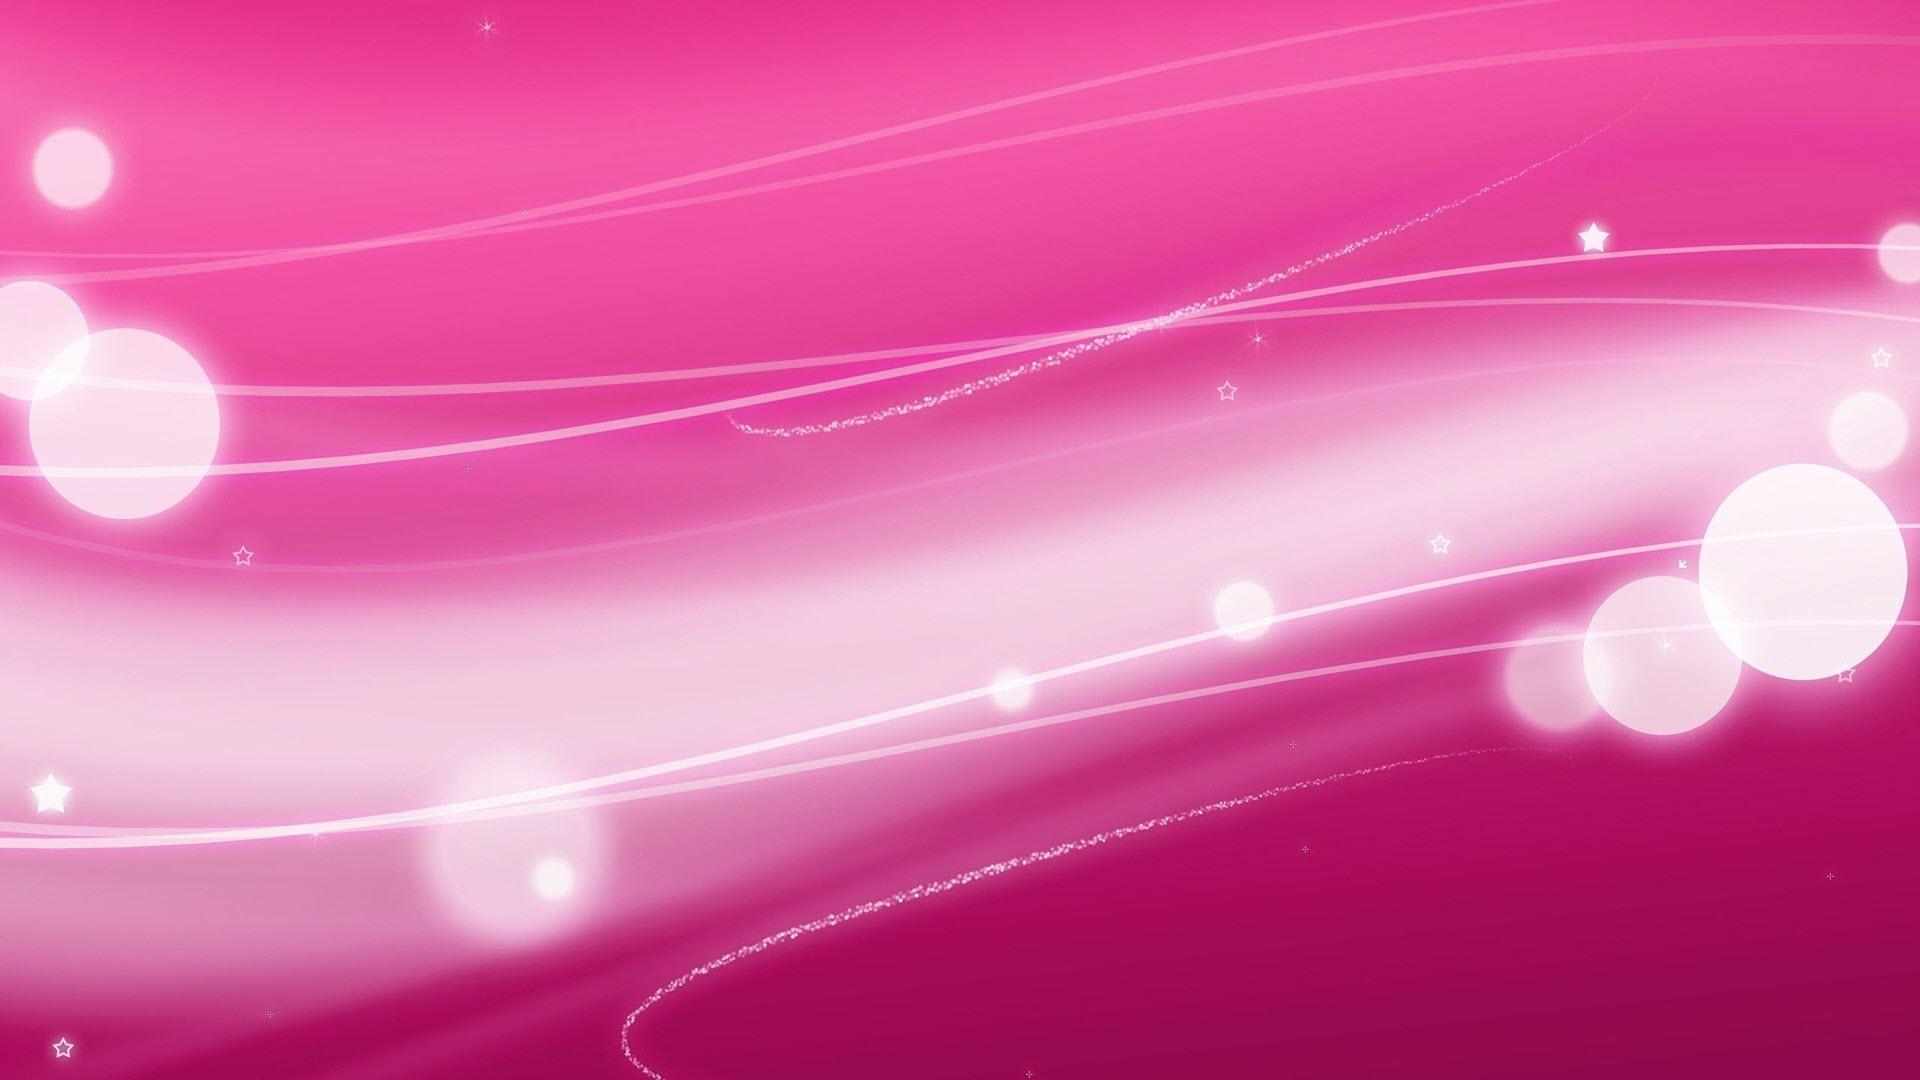 Hình nền màu hồng đẹp